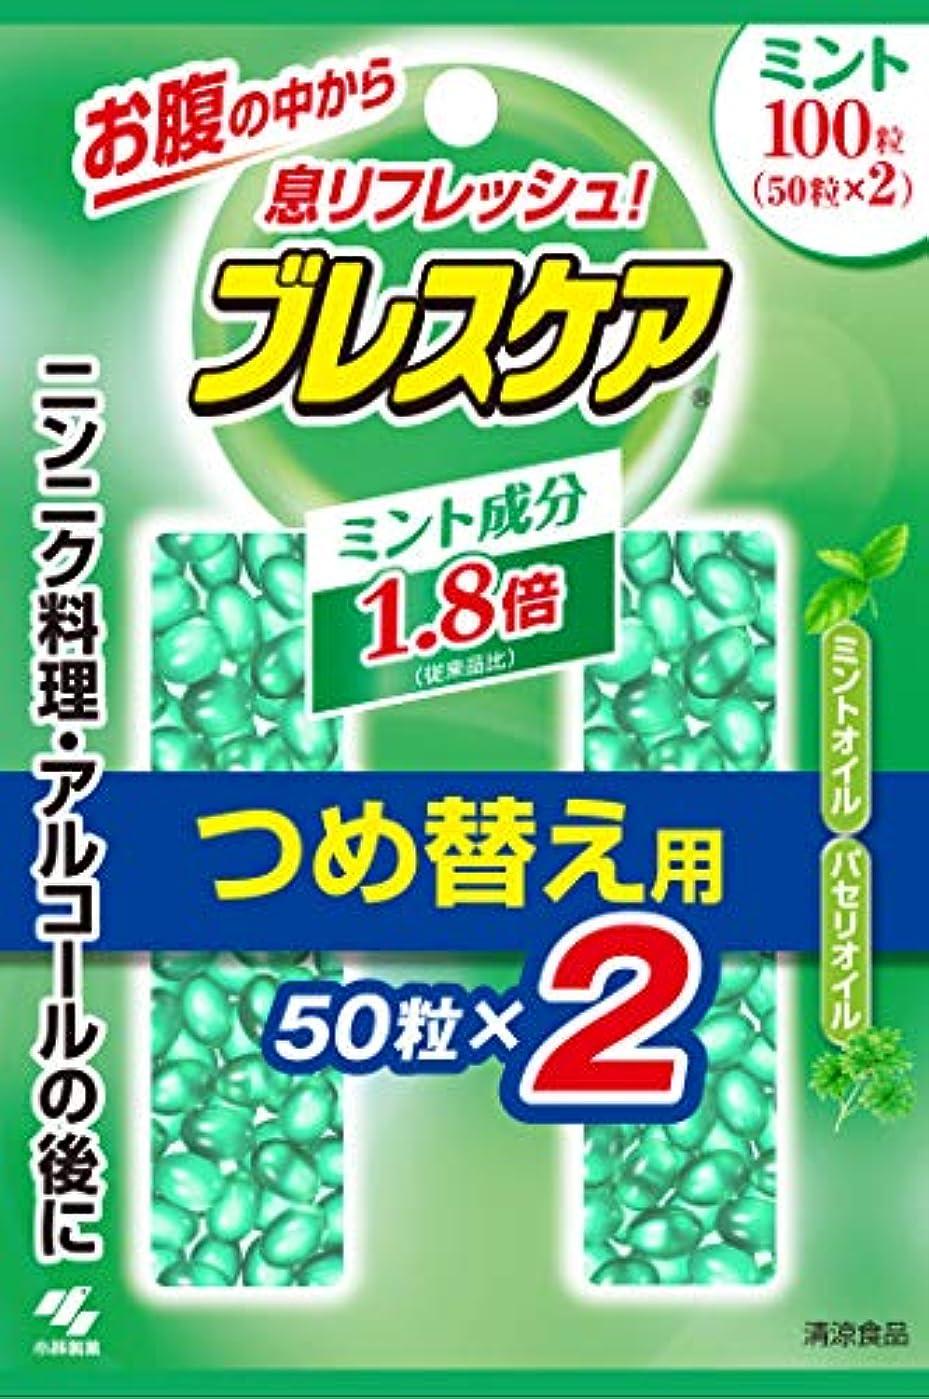 義務的つかの間充実ブレスケア 水で飲む息清涼カプセル 詰め替え用 ミント 100粒(50粒×2個